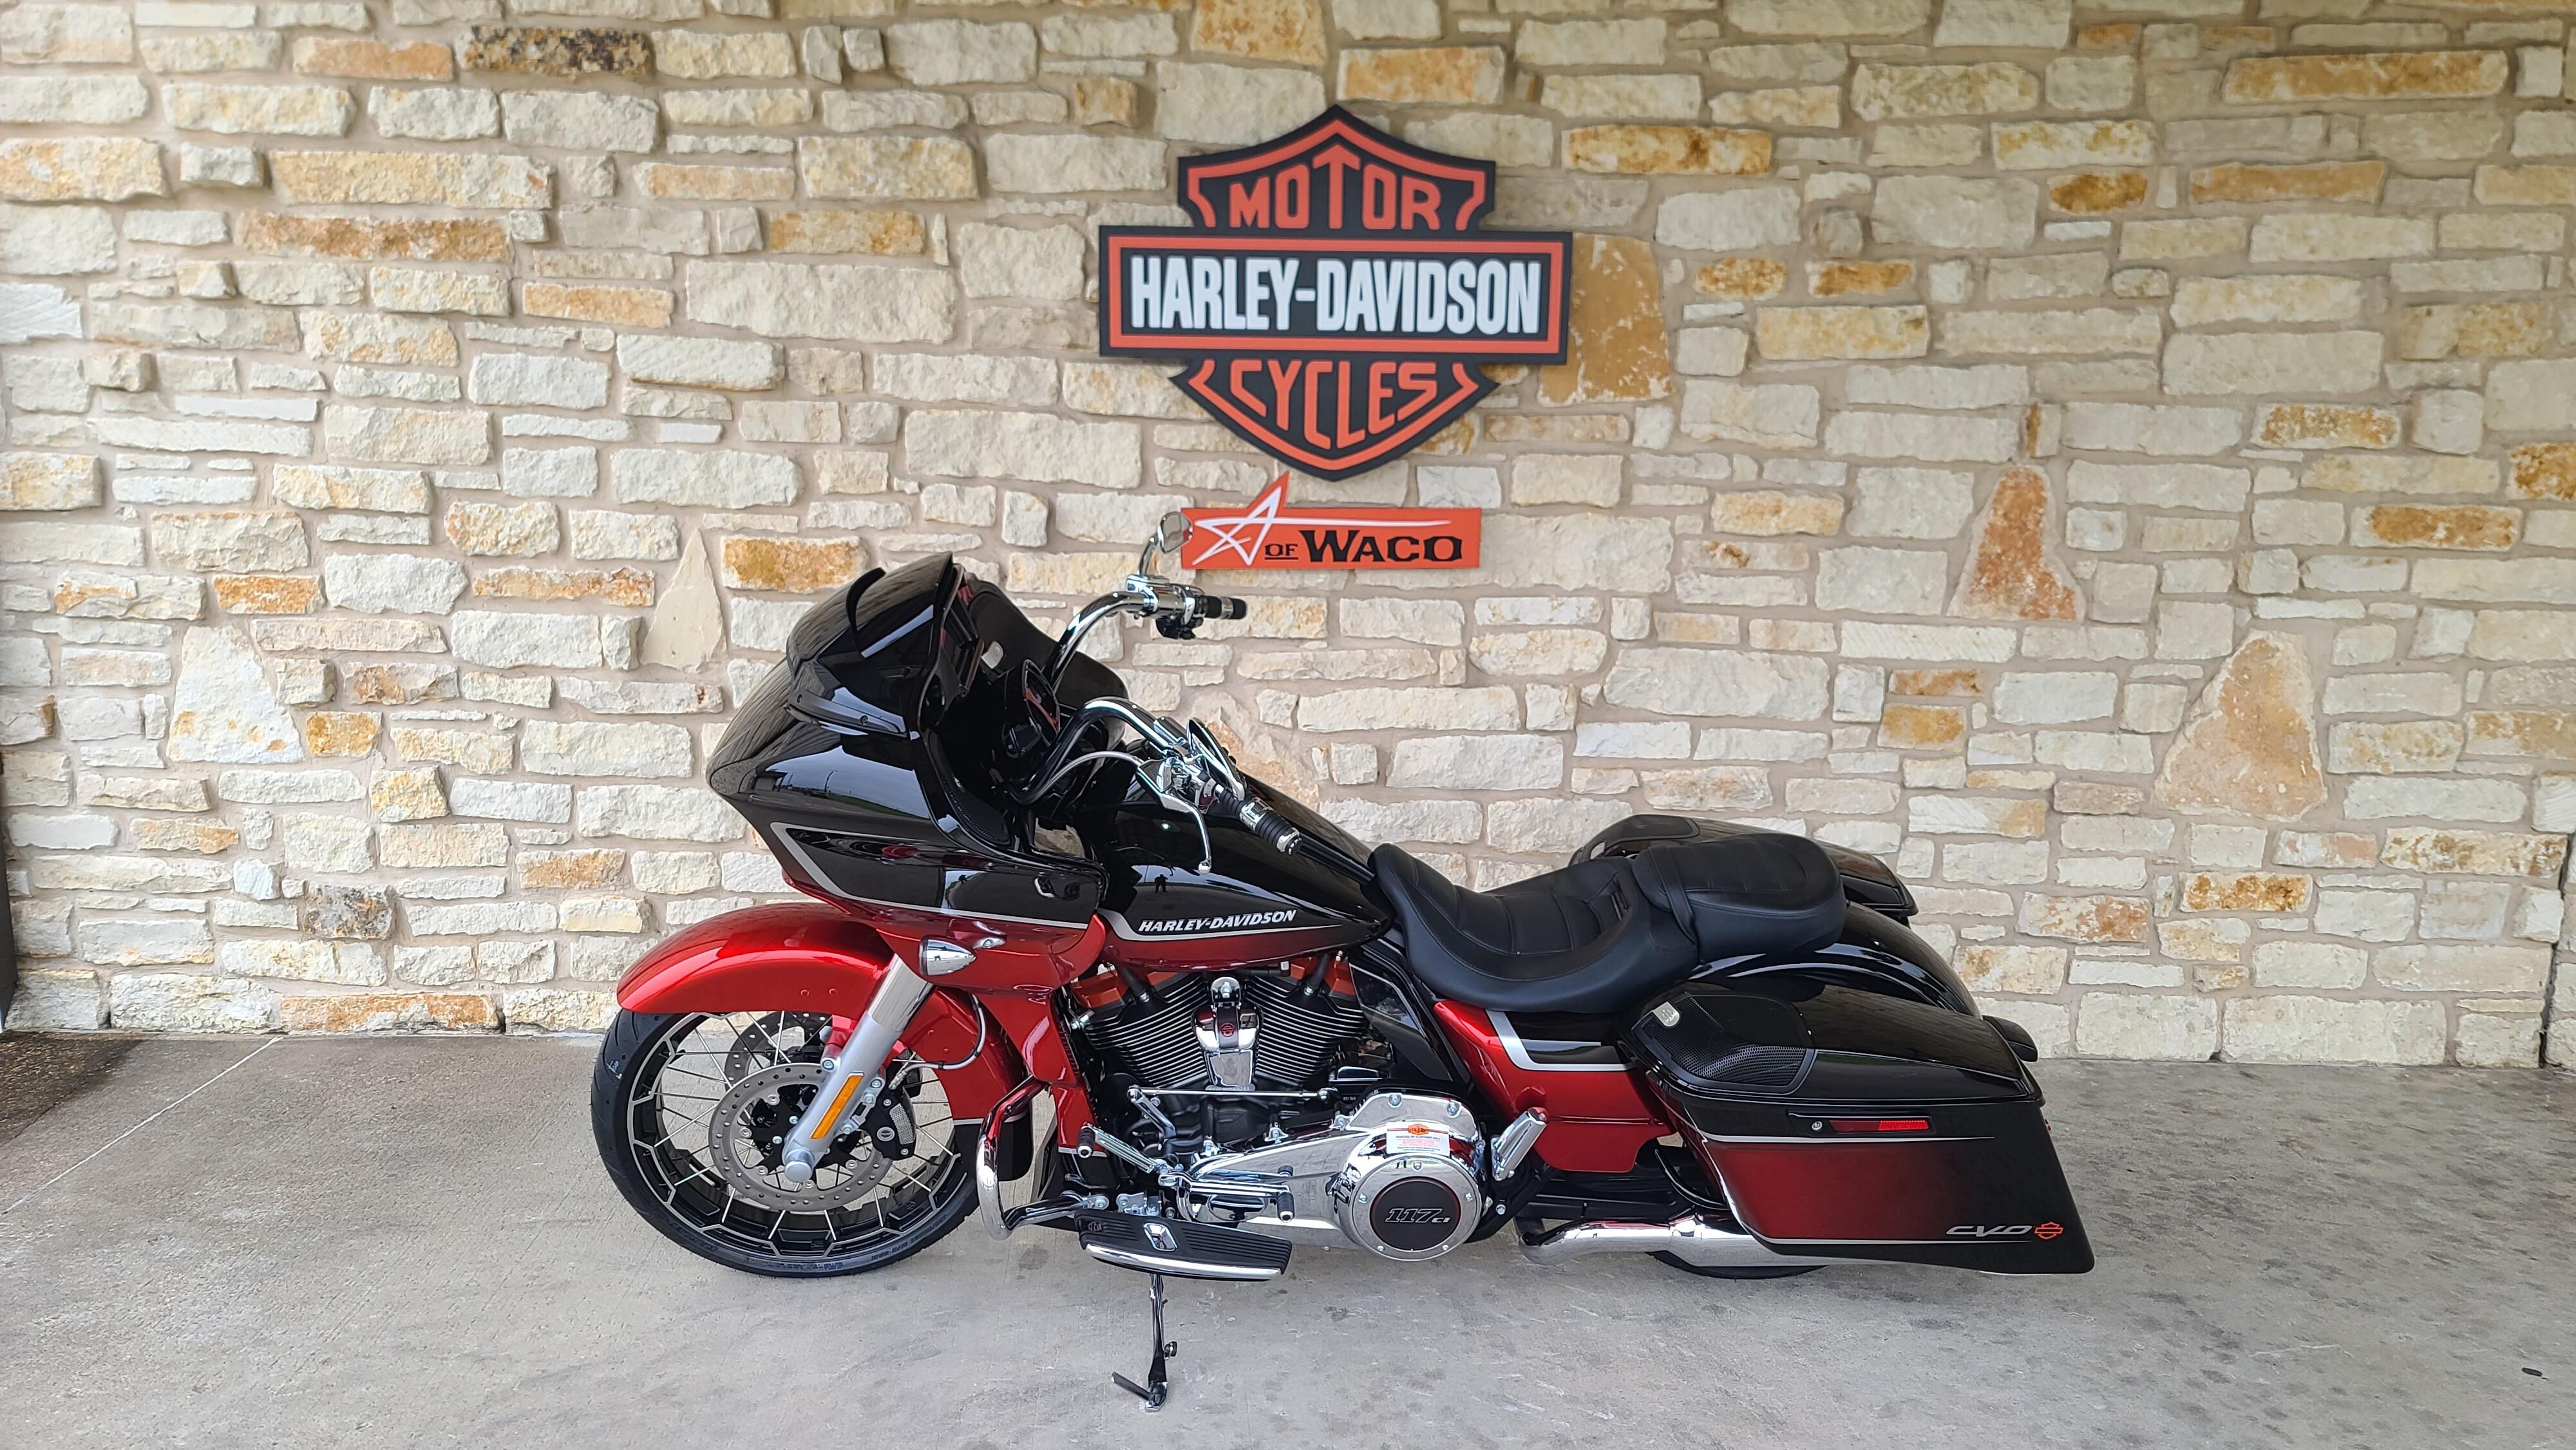 2021 Harley-Davidson Touring CVO Road Glide at Harley-Davidson of Waco